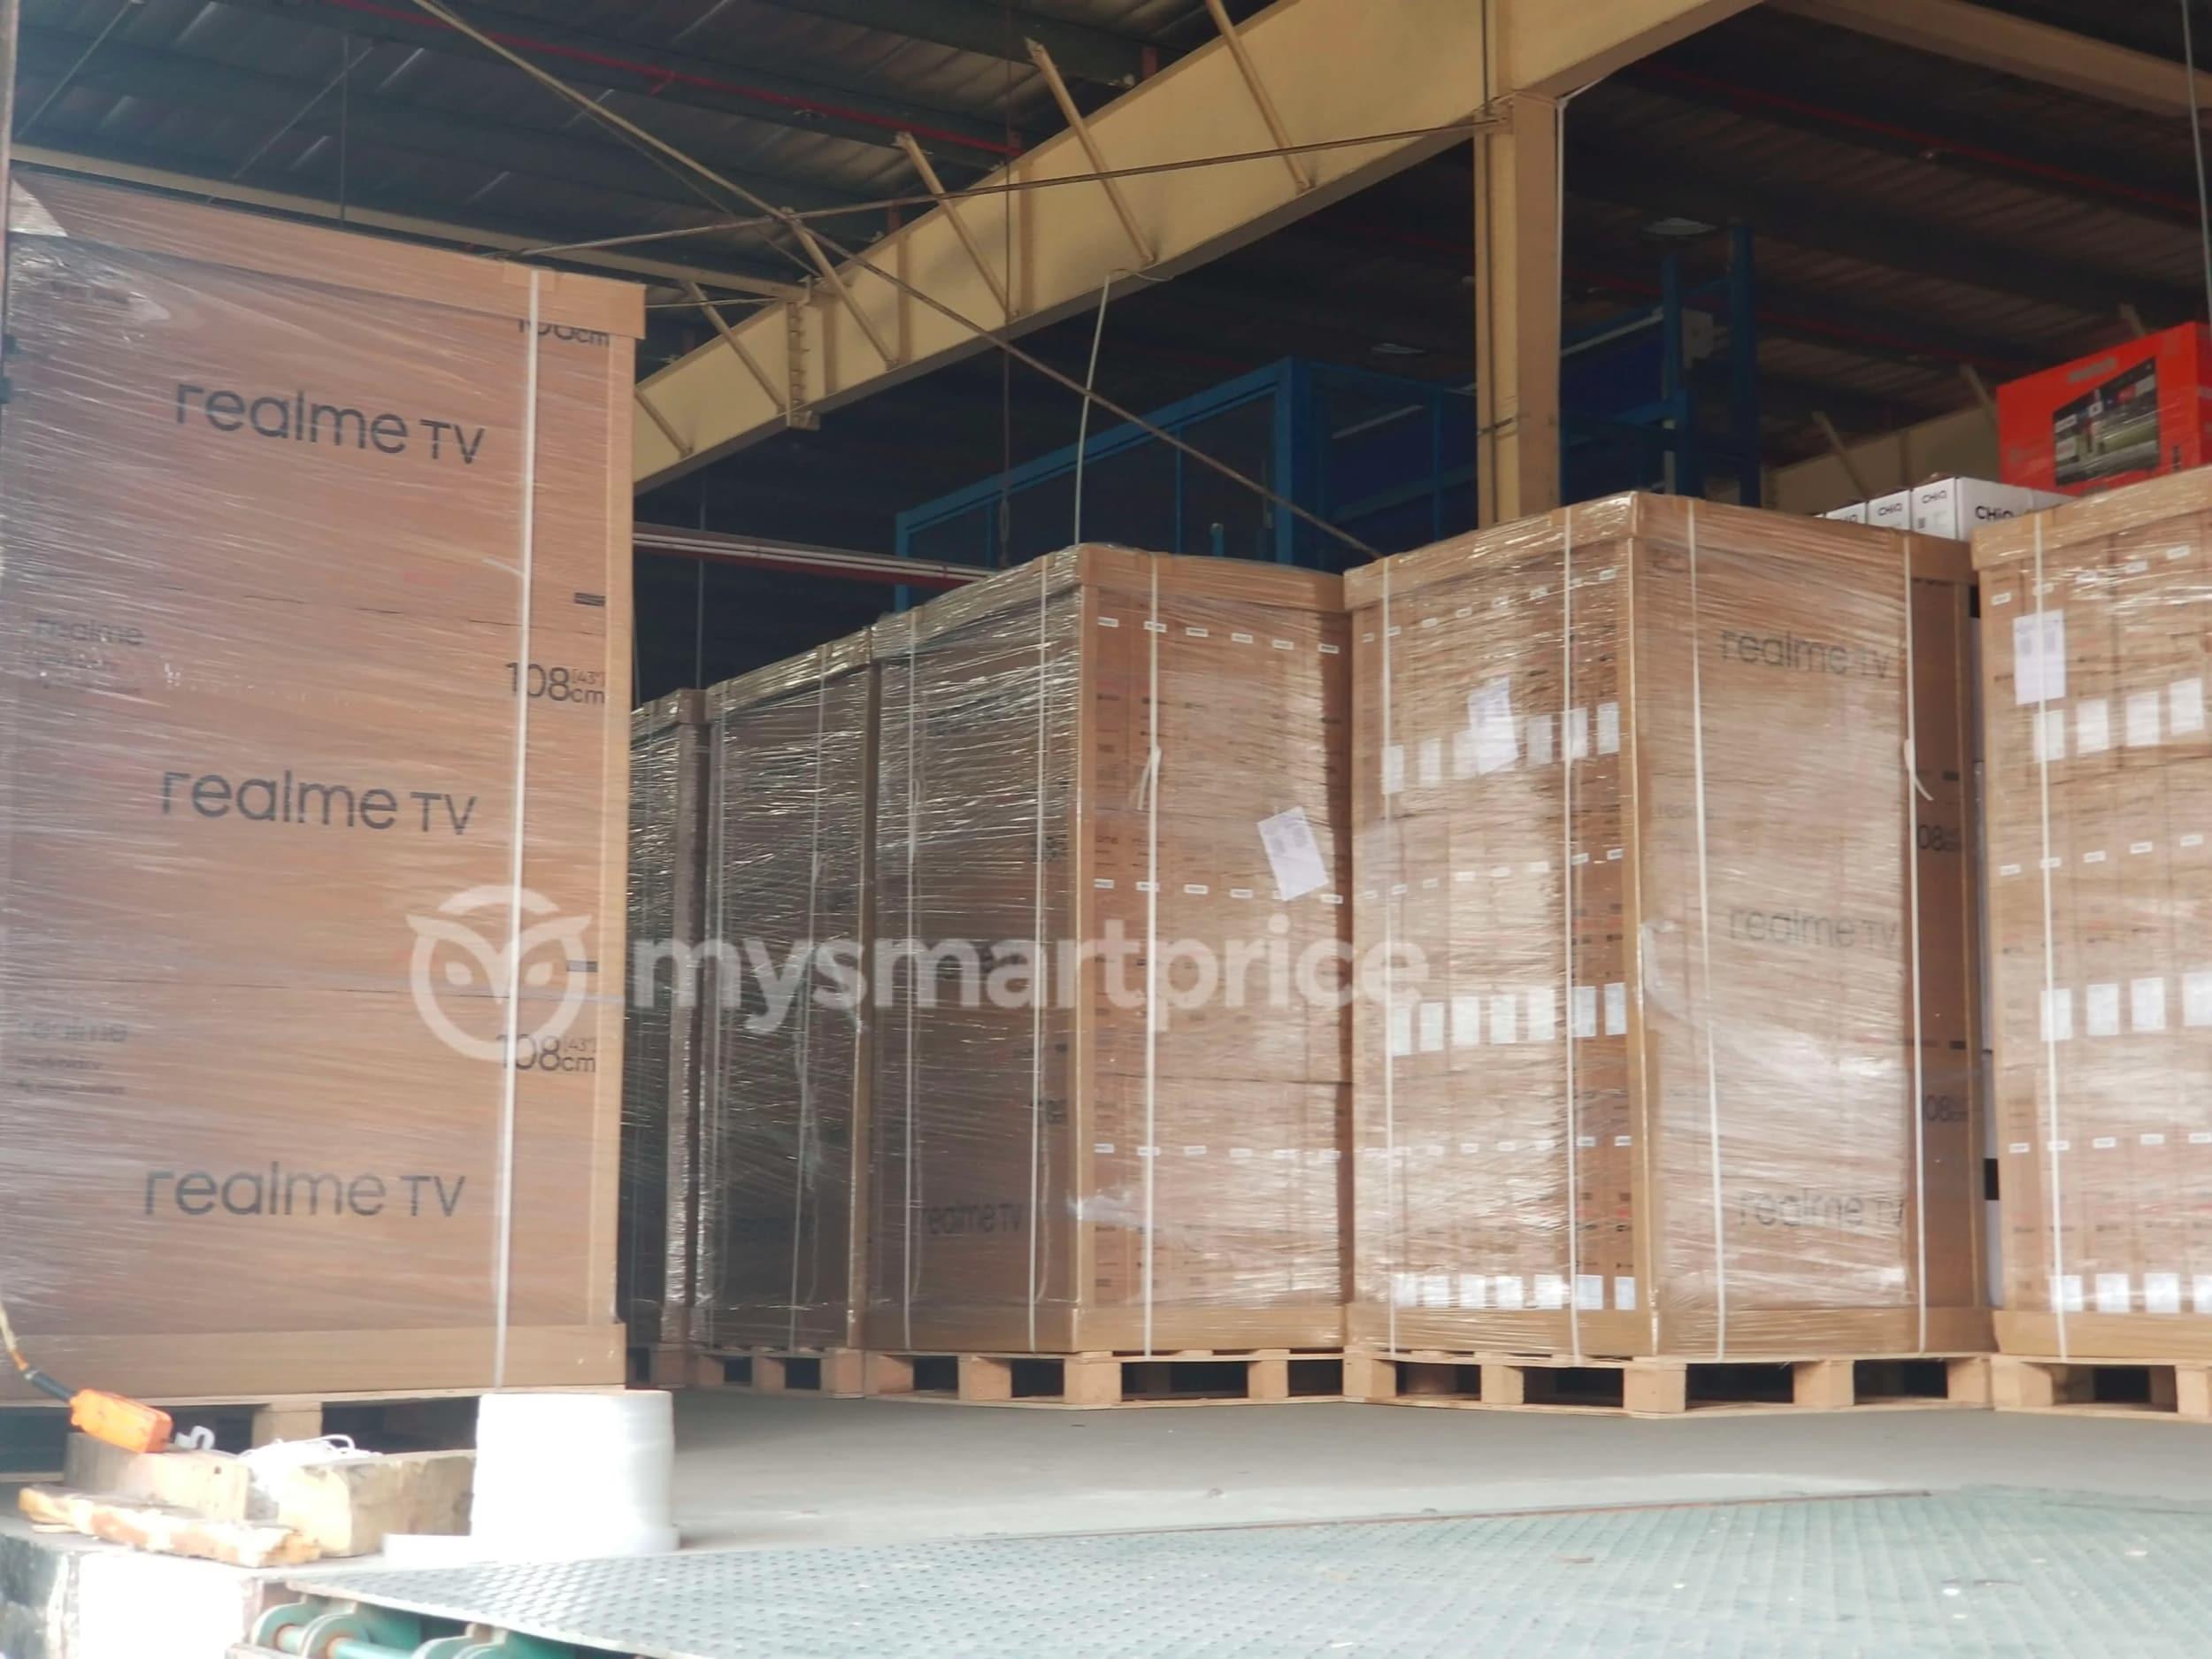 La prima smart TV di Realme si è fatta attendere, ma sta arrivando (in grosse scatole imballate) (foto)